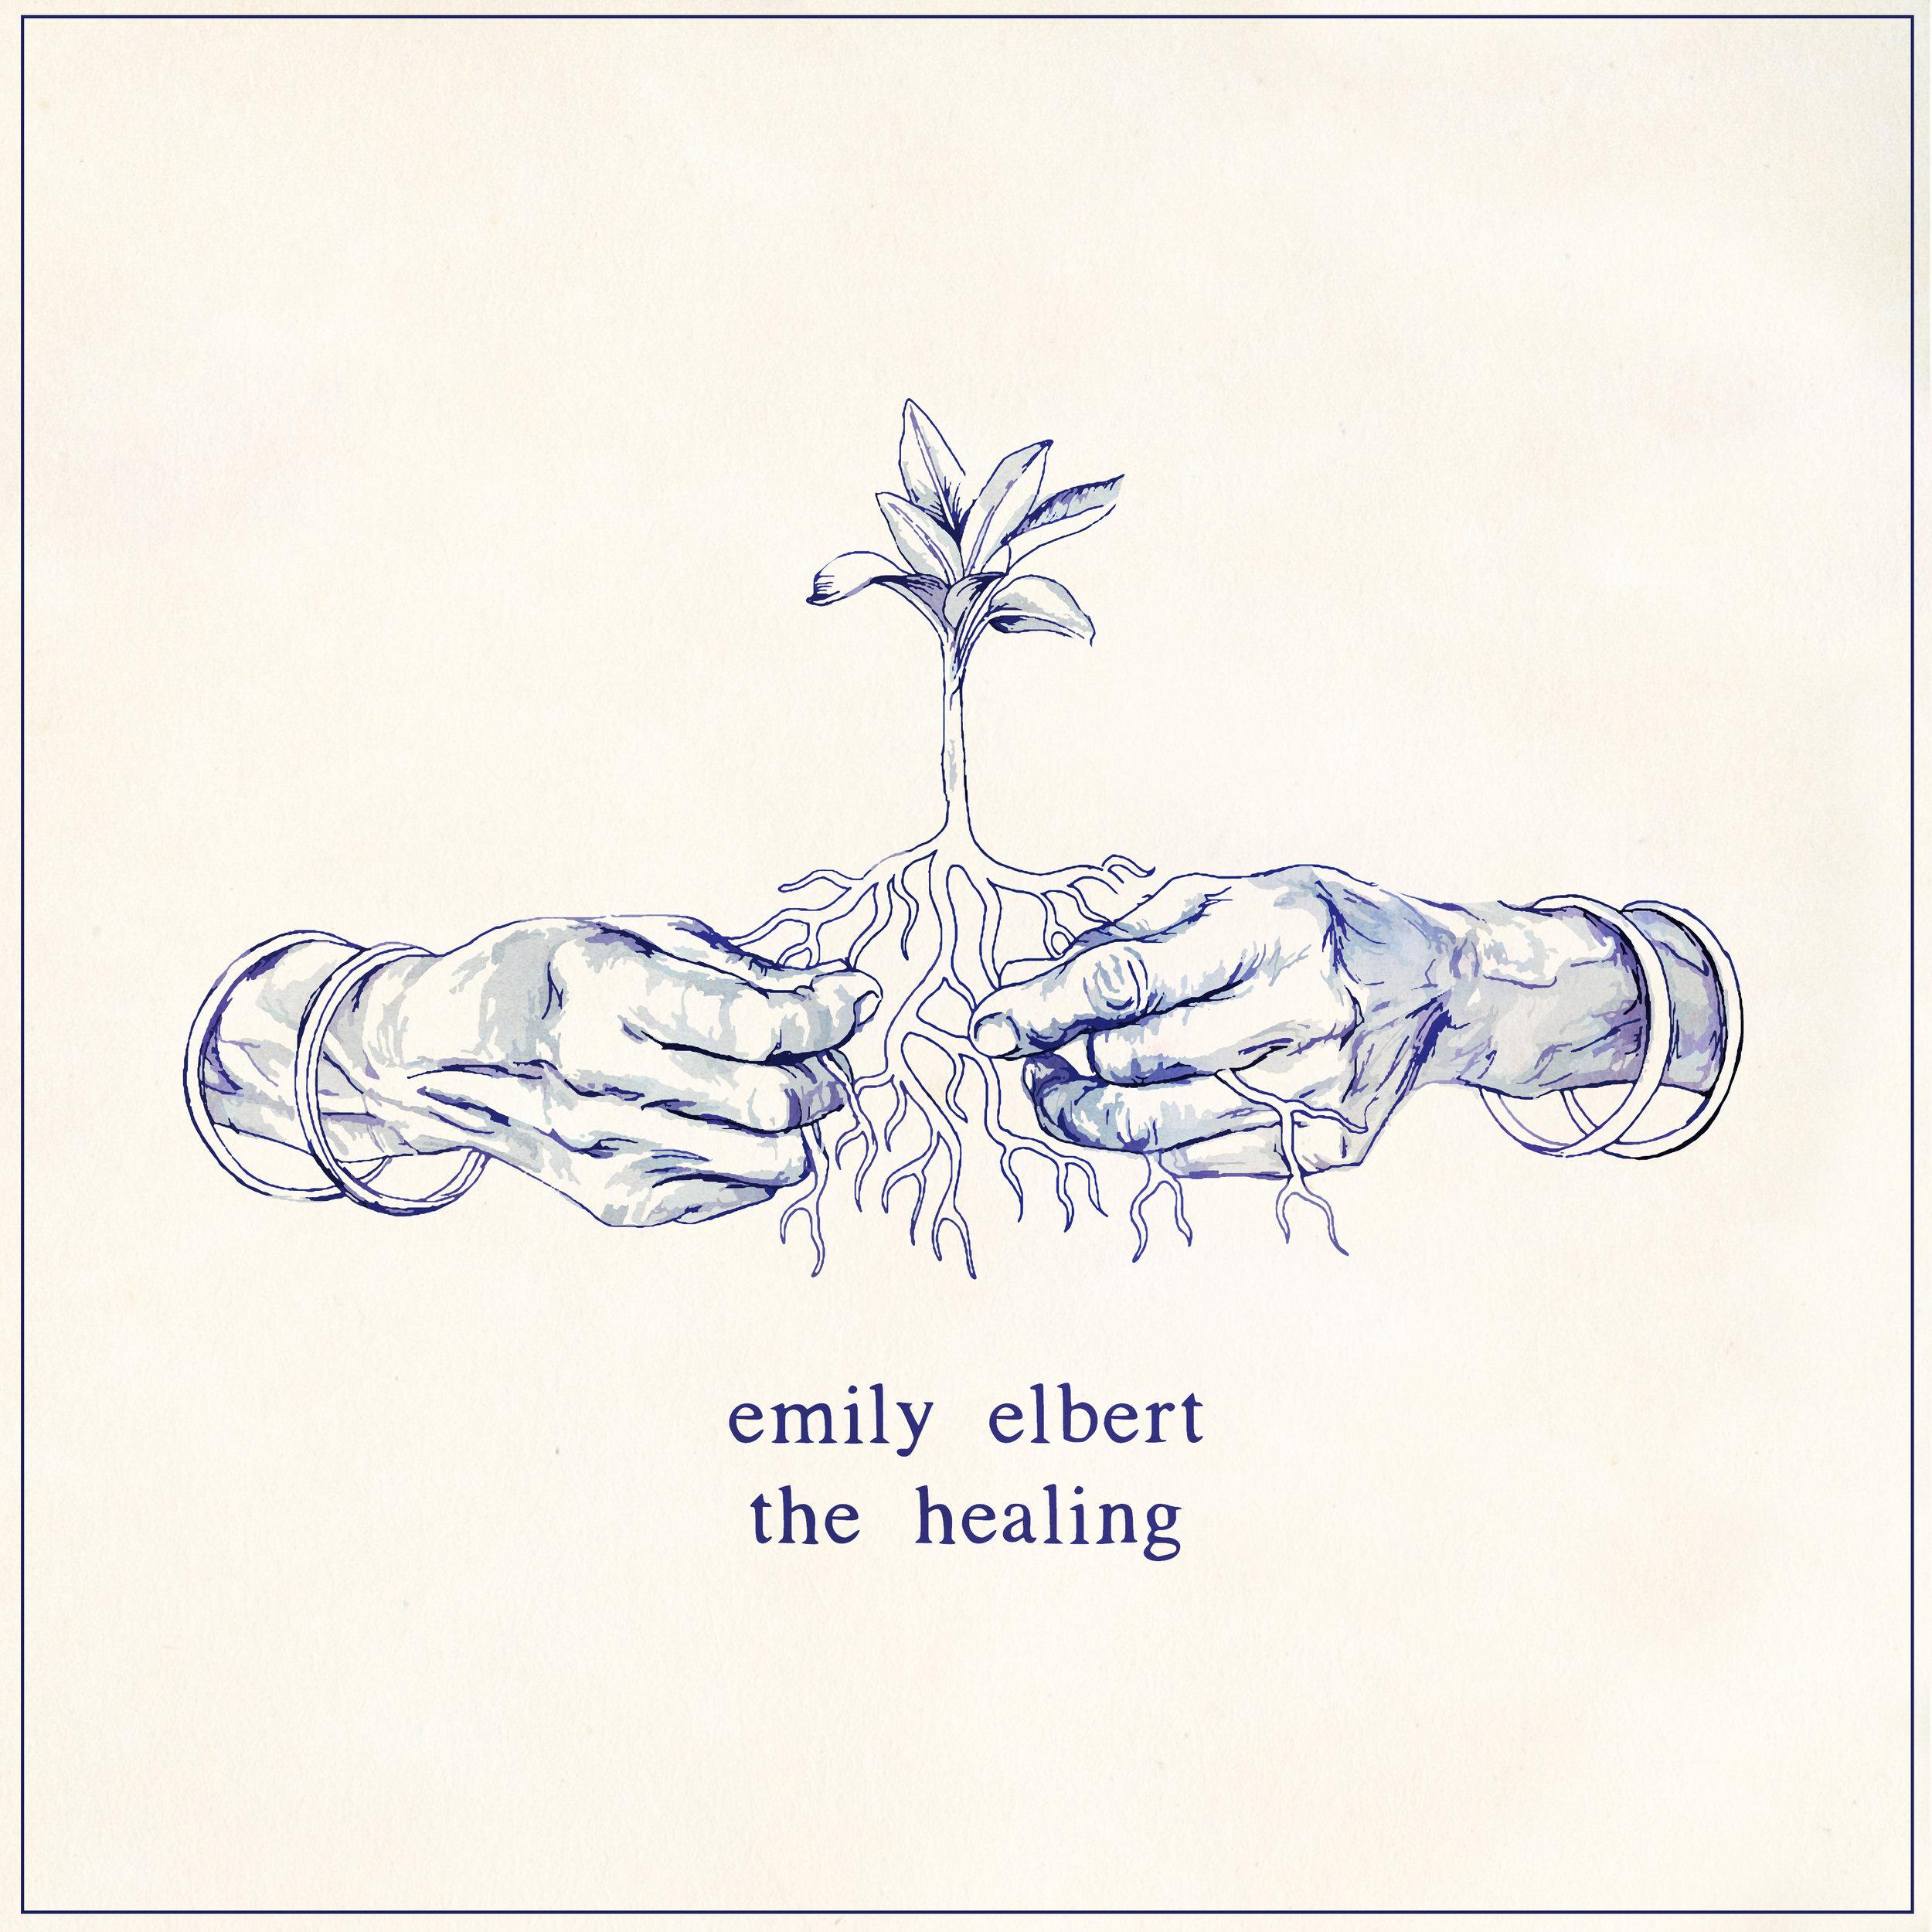 emily elbert the healing